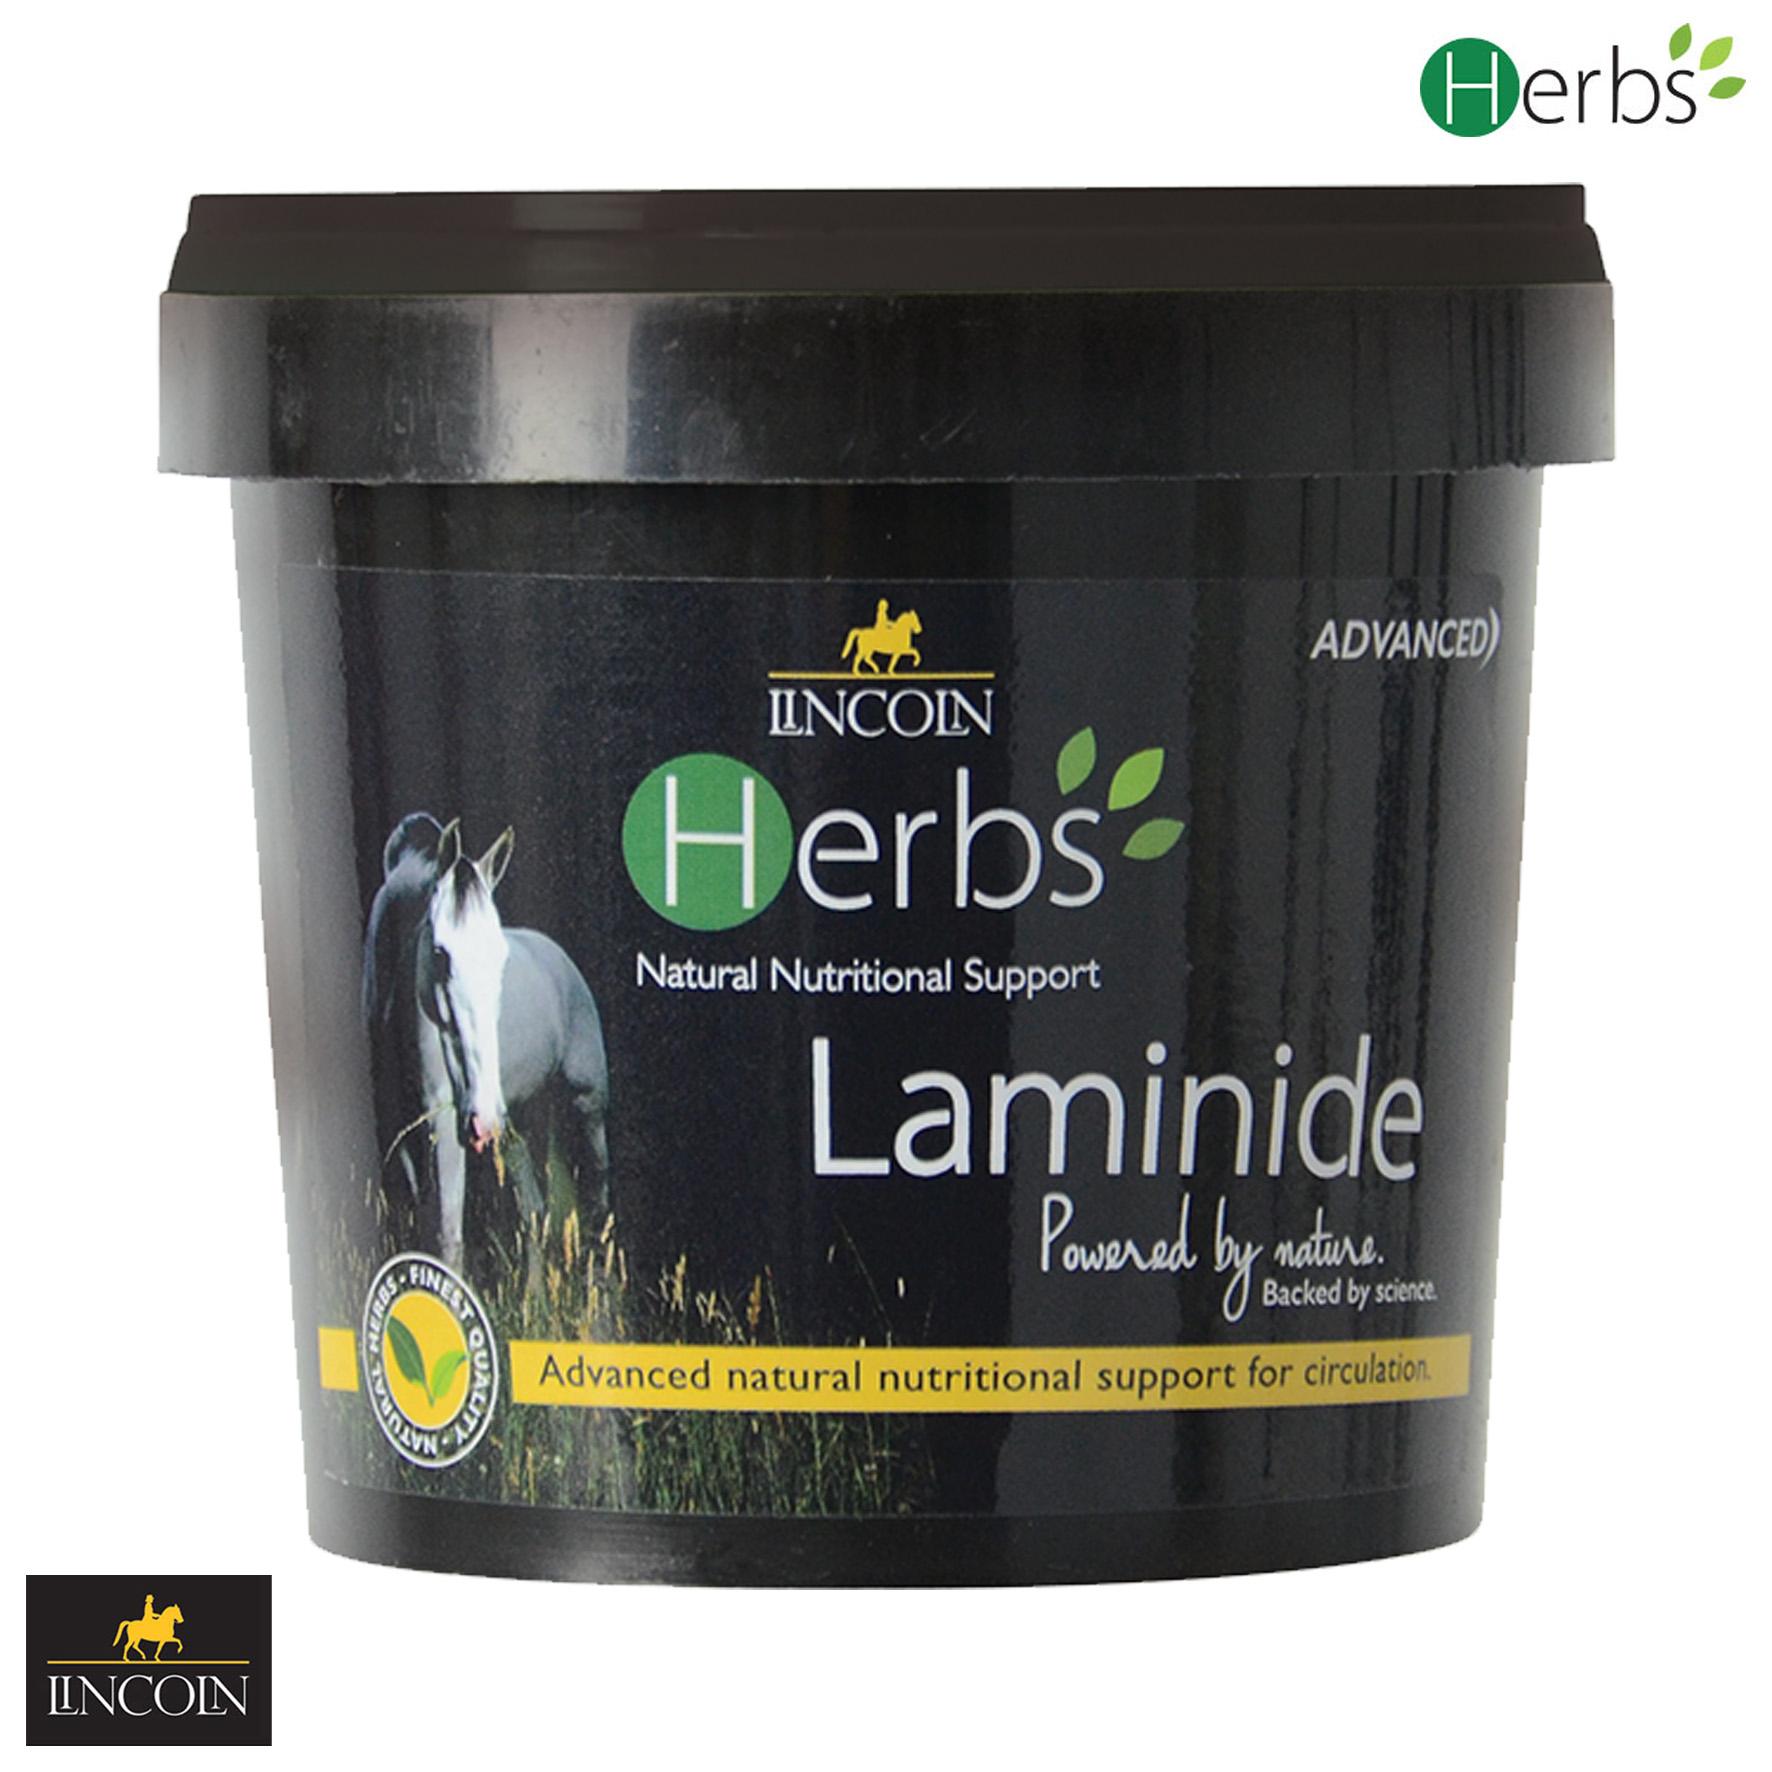 Lincoln Herbs Laminide